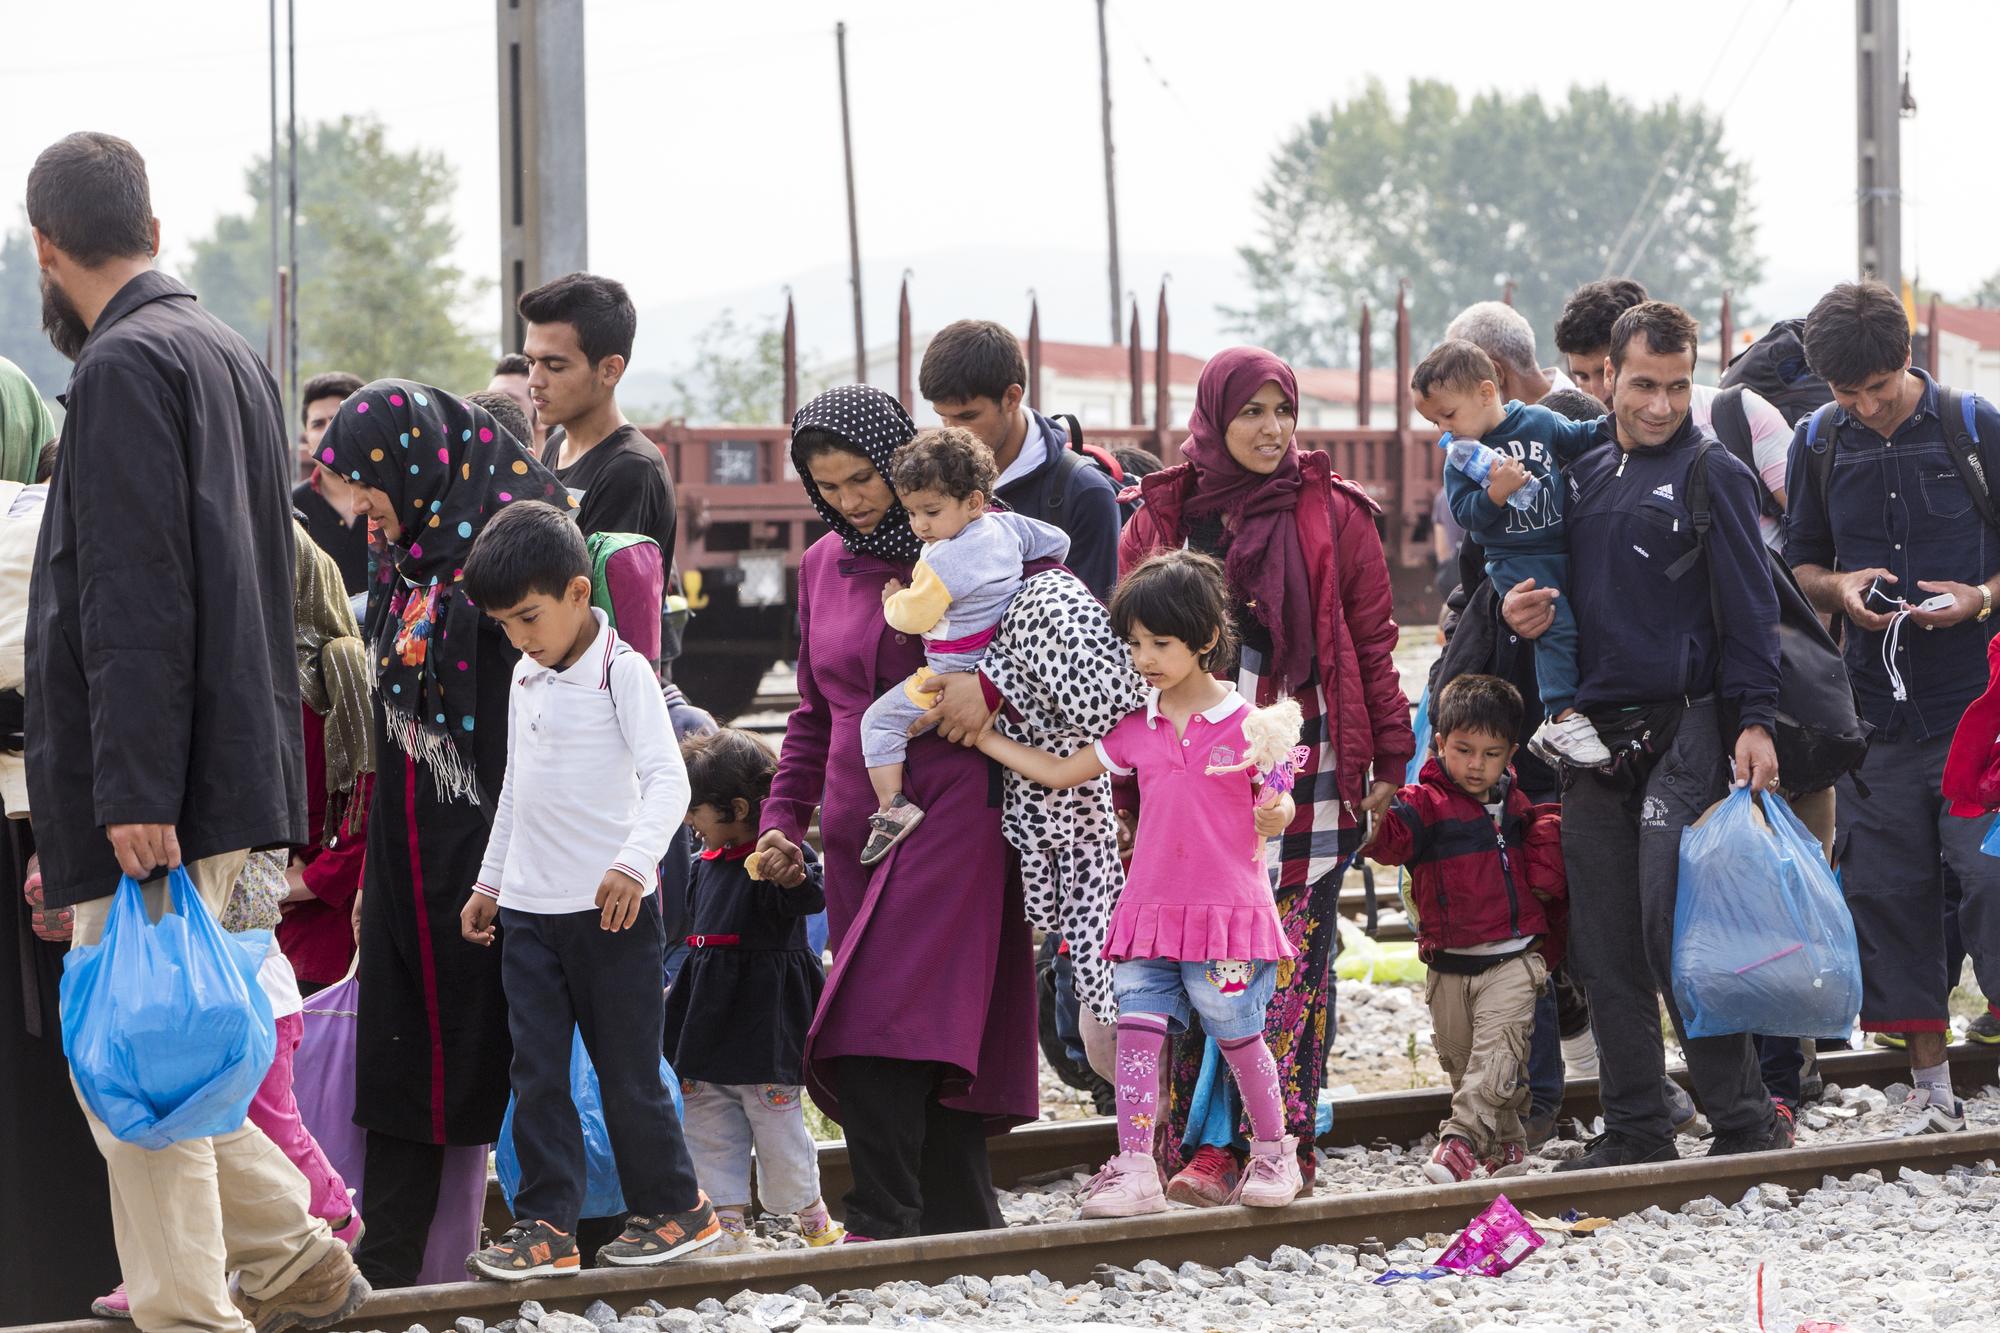 Konstantinápolyi pátriárka: segíteni kell a menekültek hazatérését